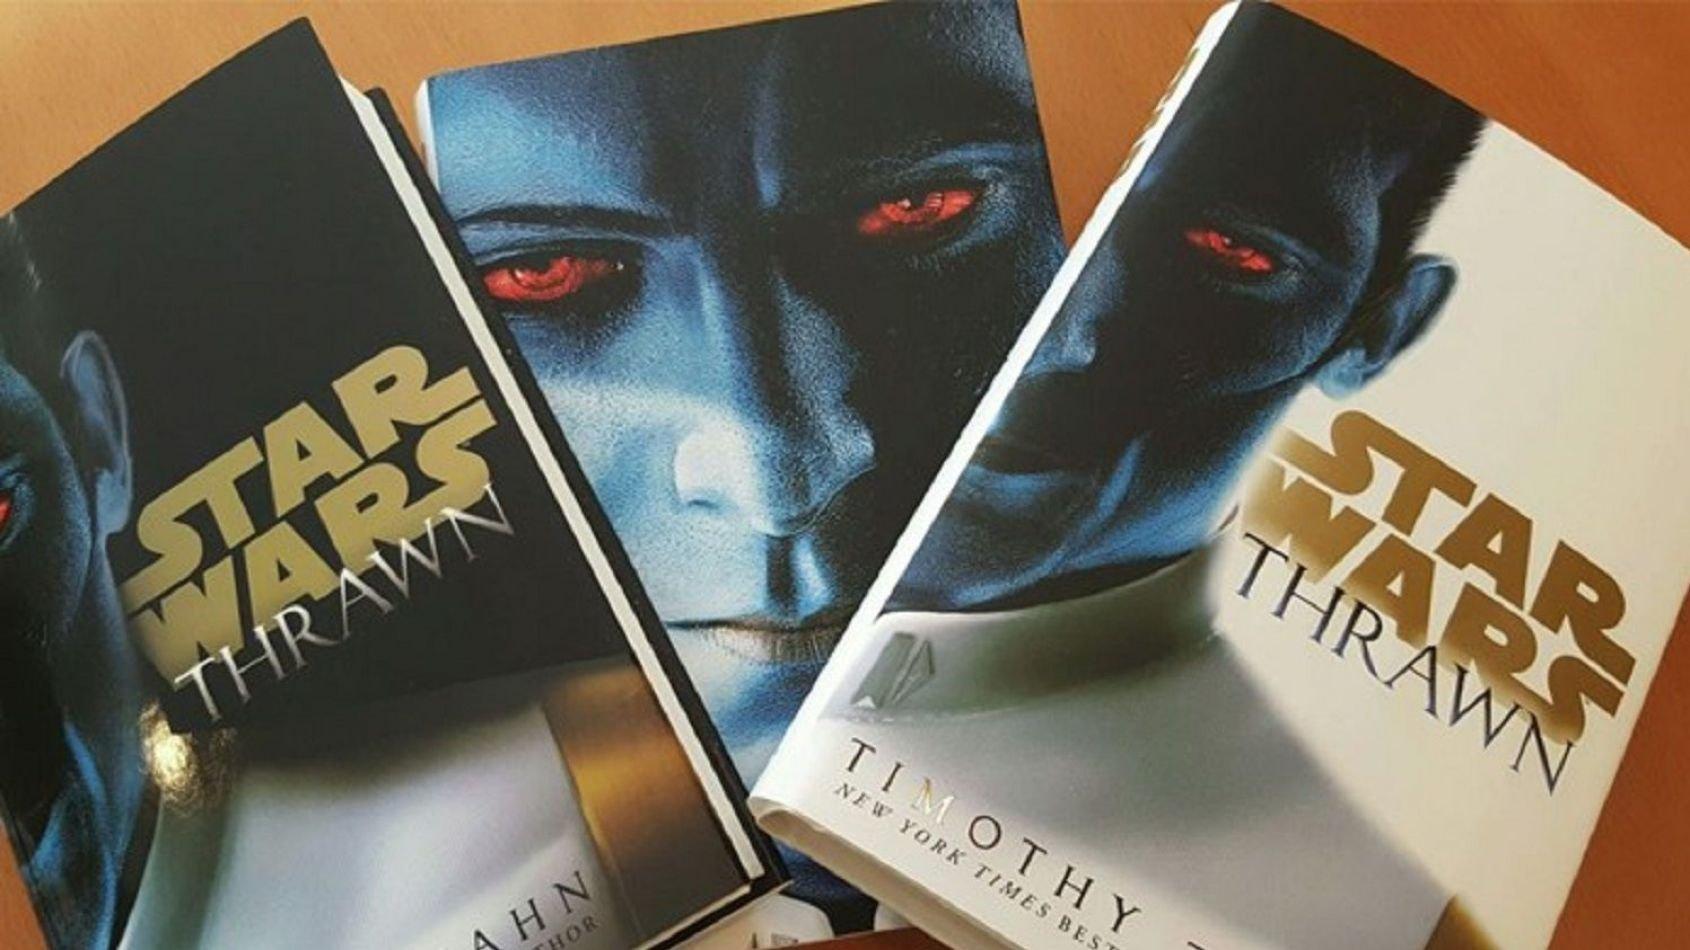 Trois couvertures différentes pour le roman de Star Wars: Thrawn